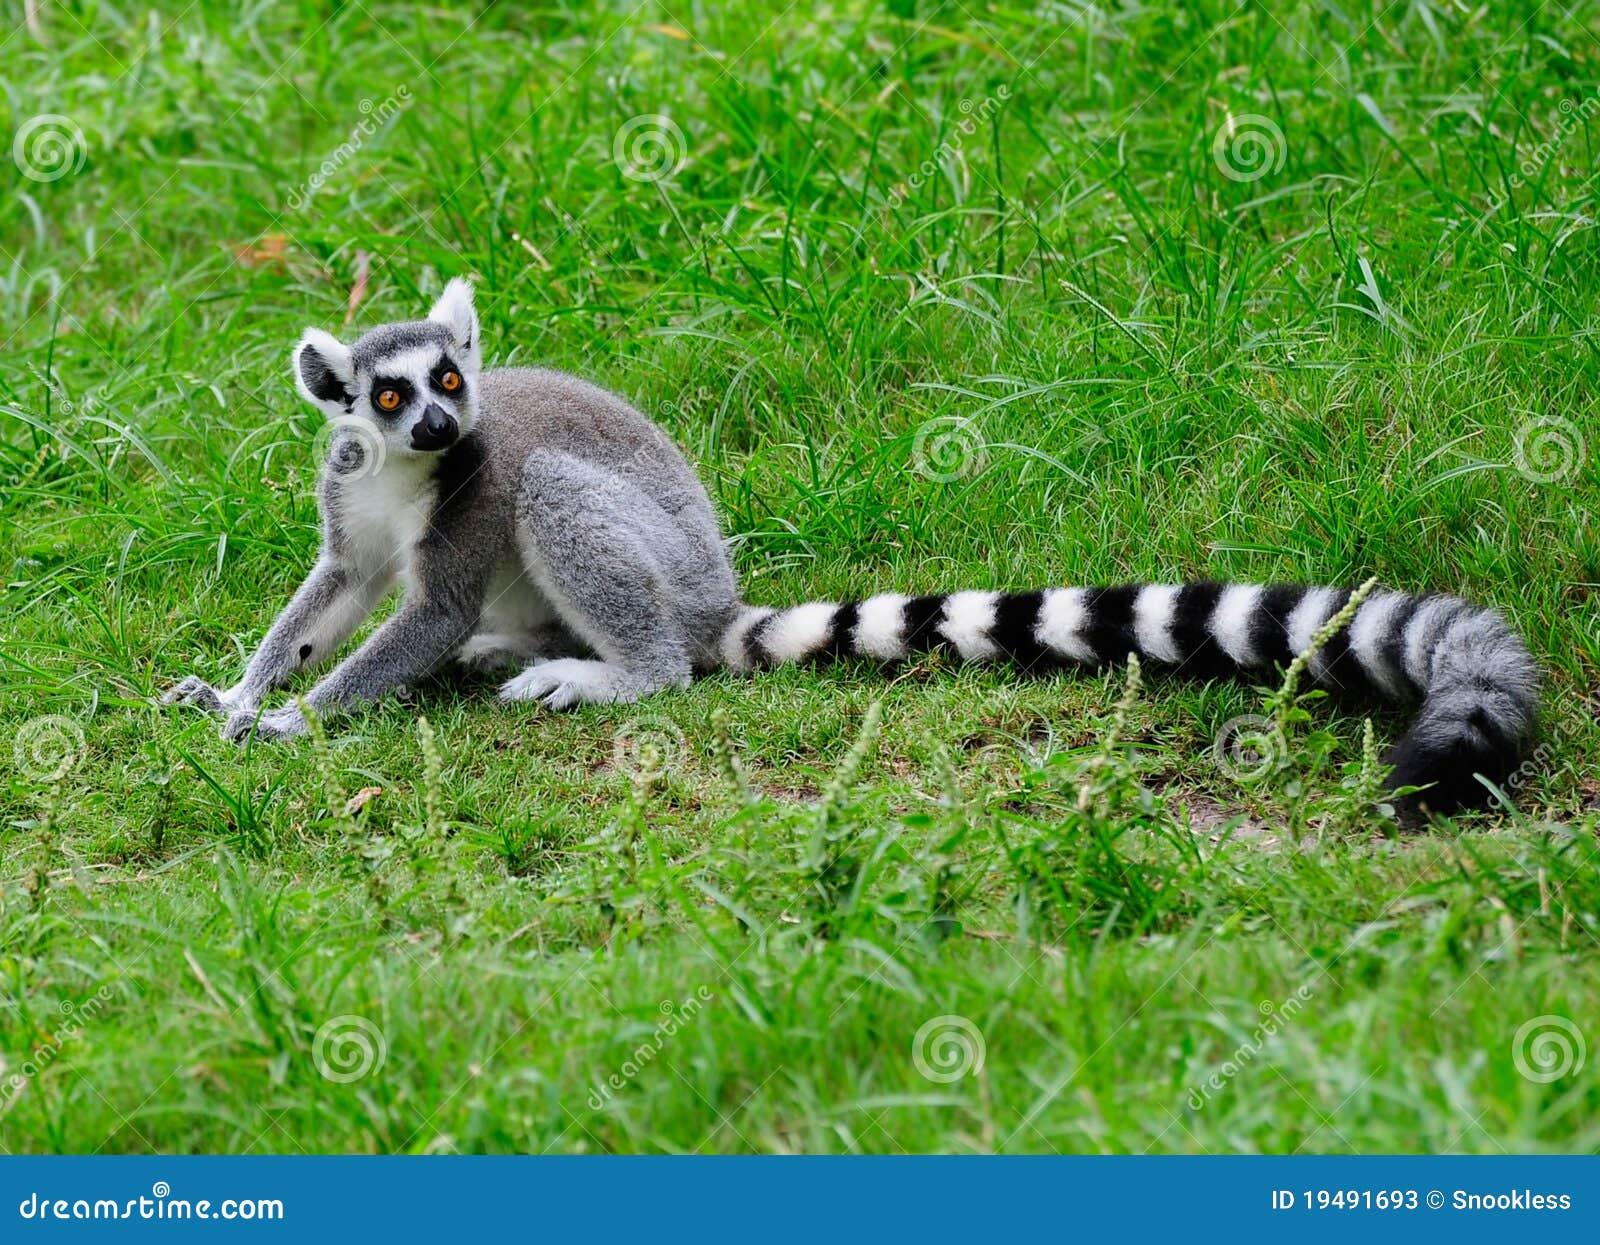 尾部有环纹的狐猴